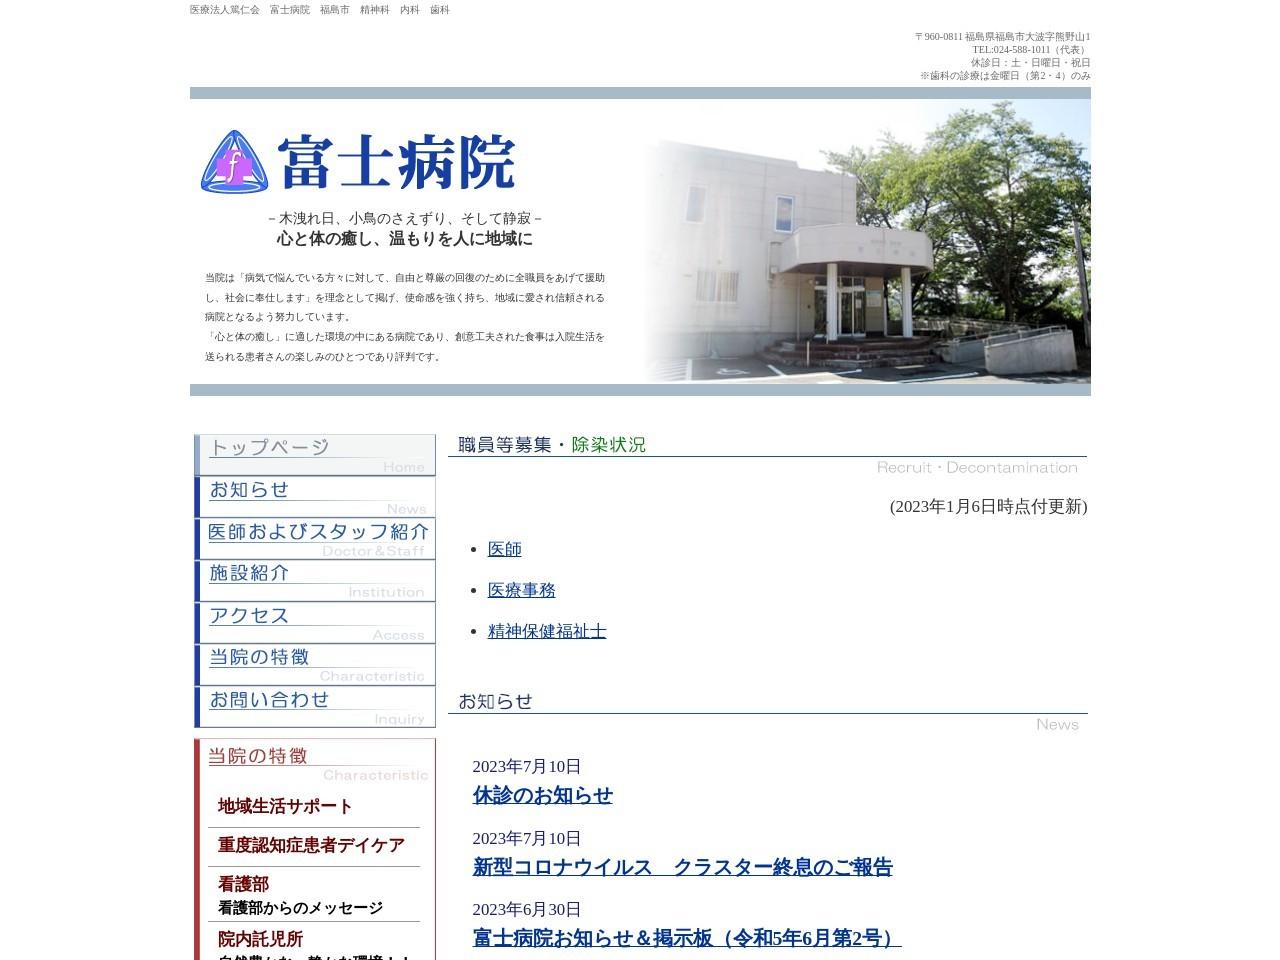 富士病院 (福島県福島市)